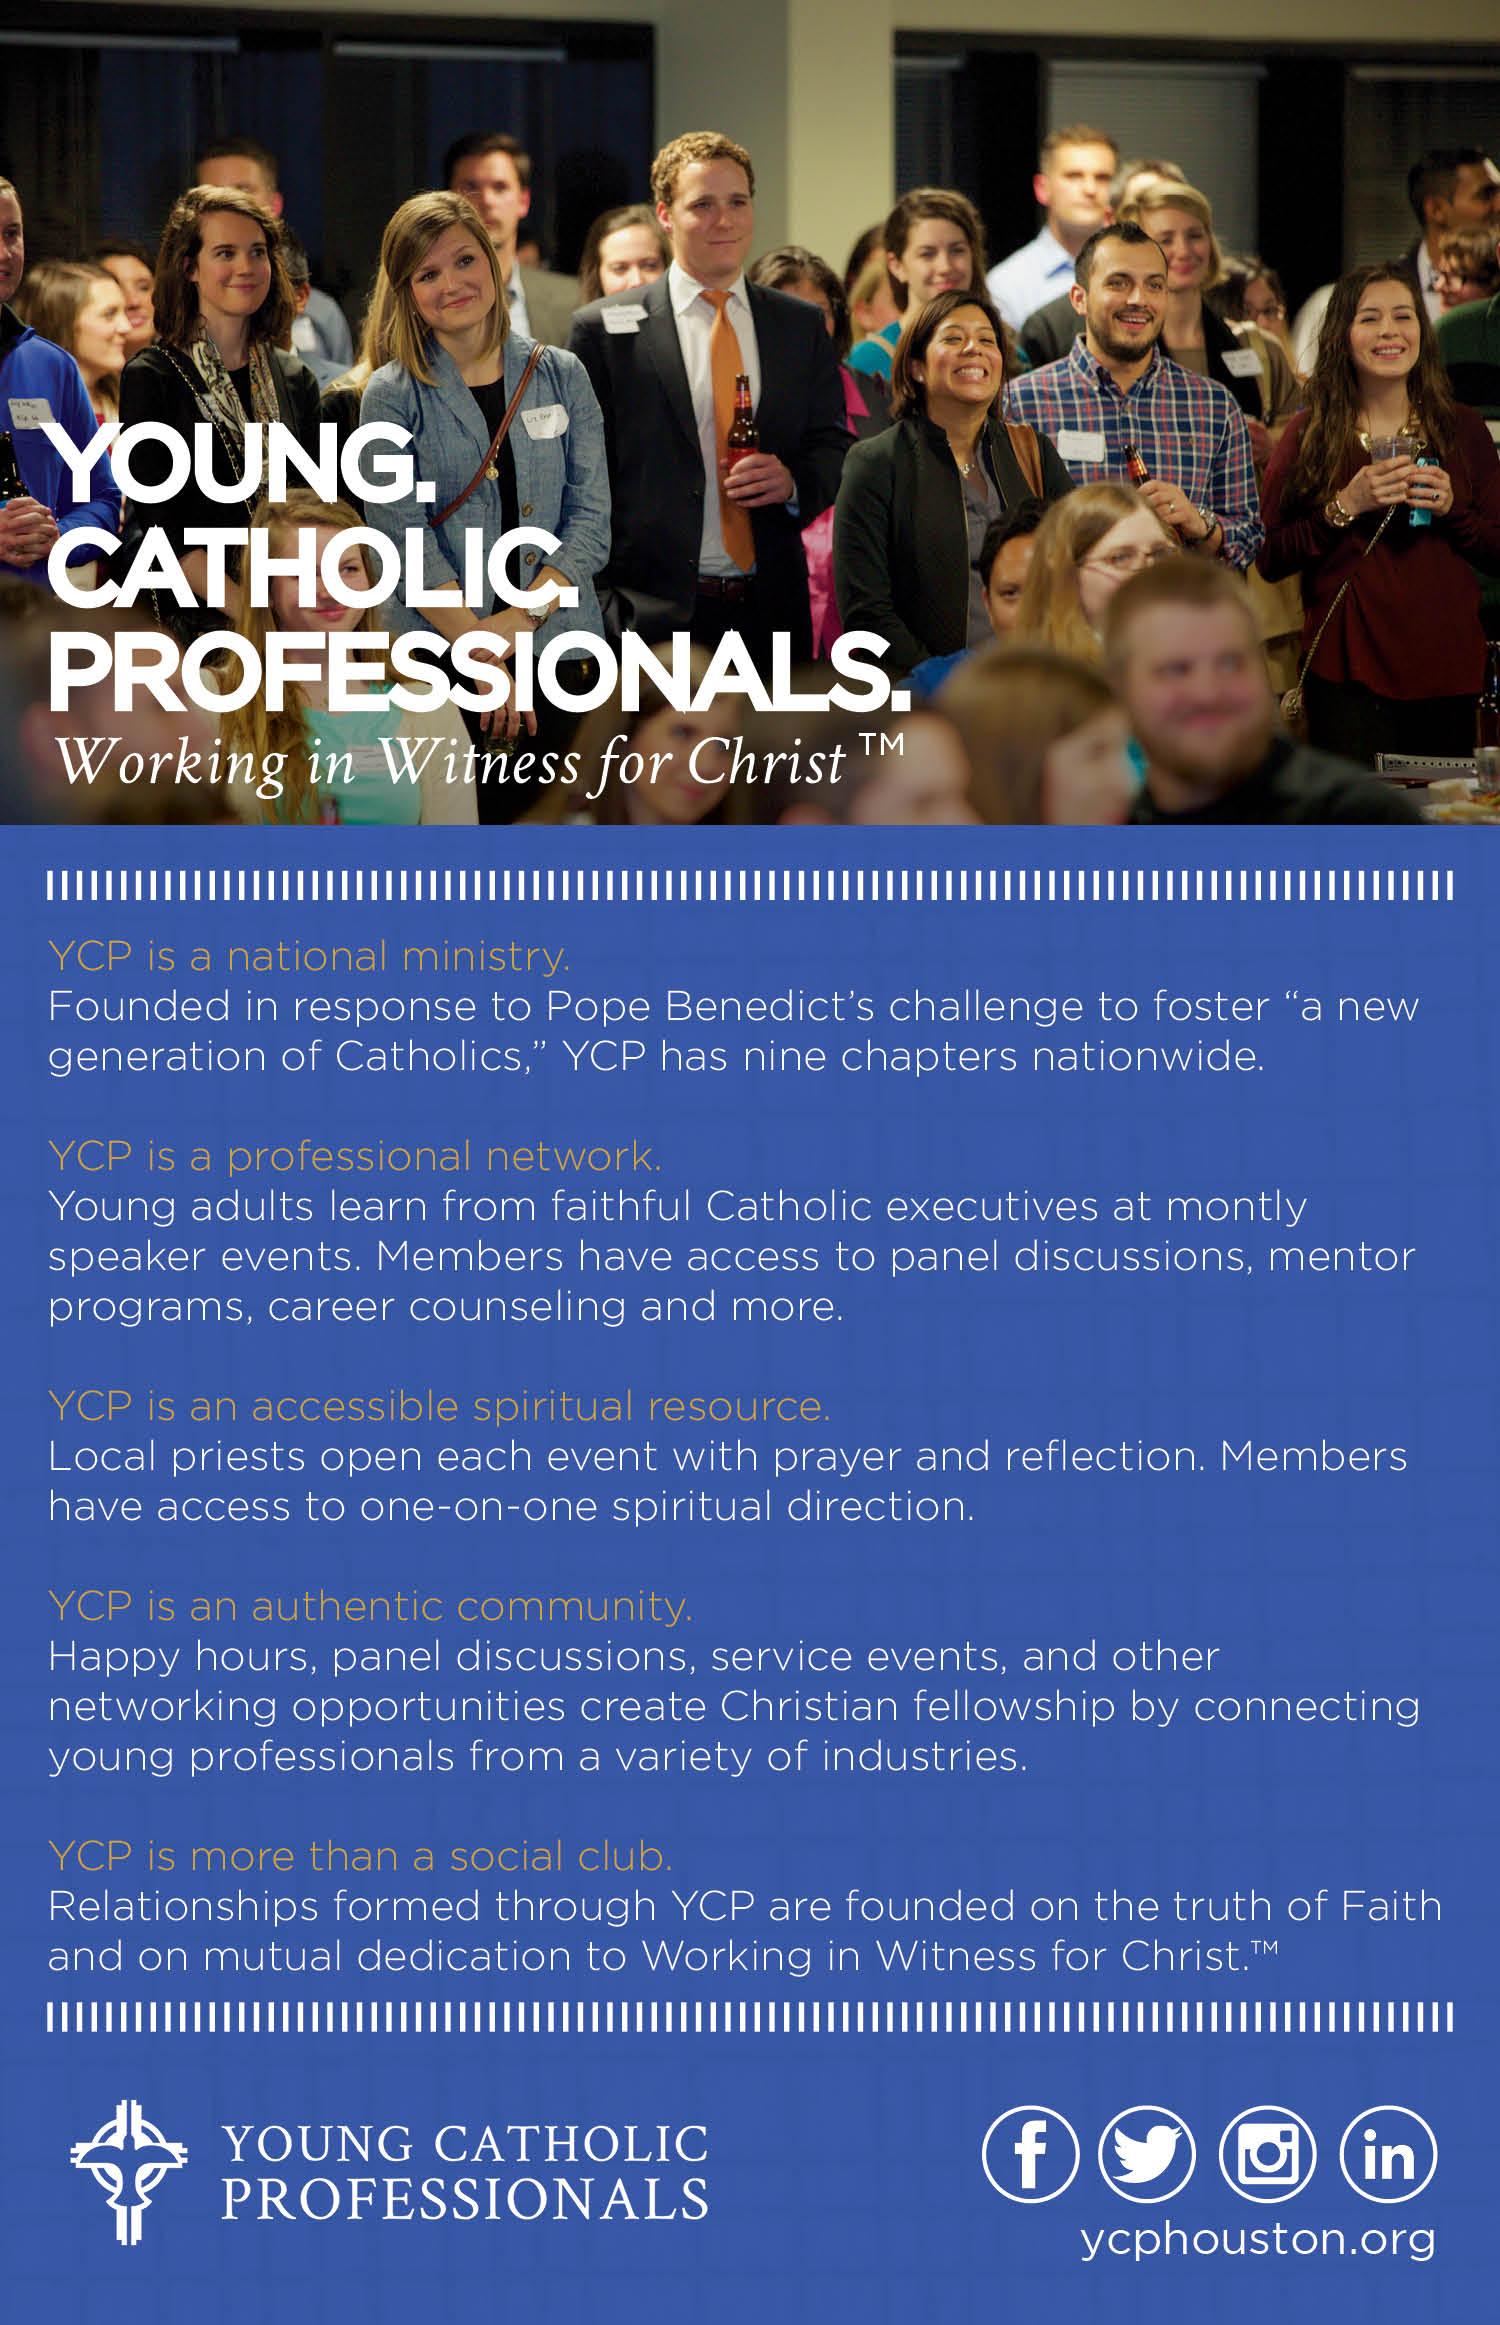 YCP-Cafe Catholica Ad 2016